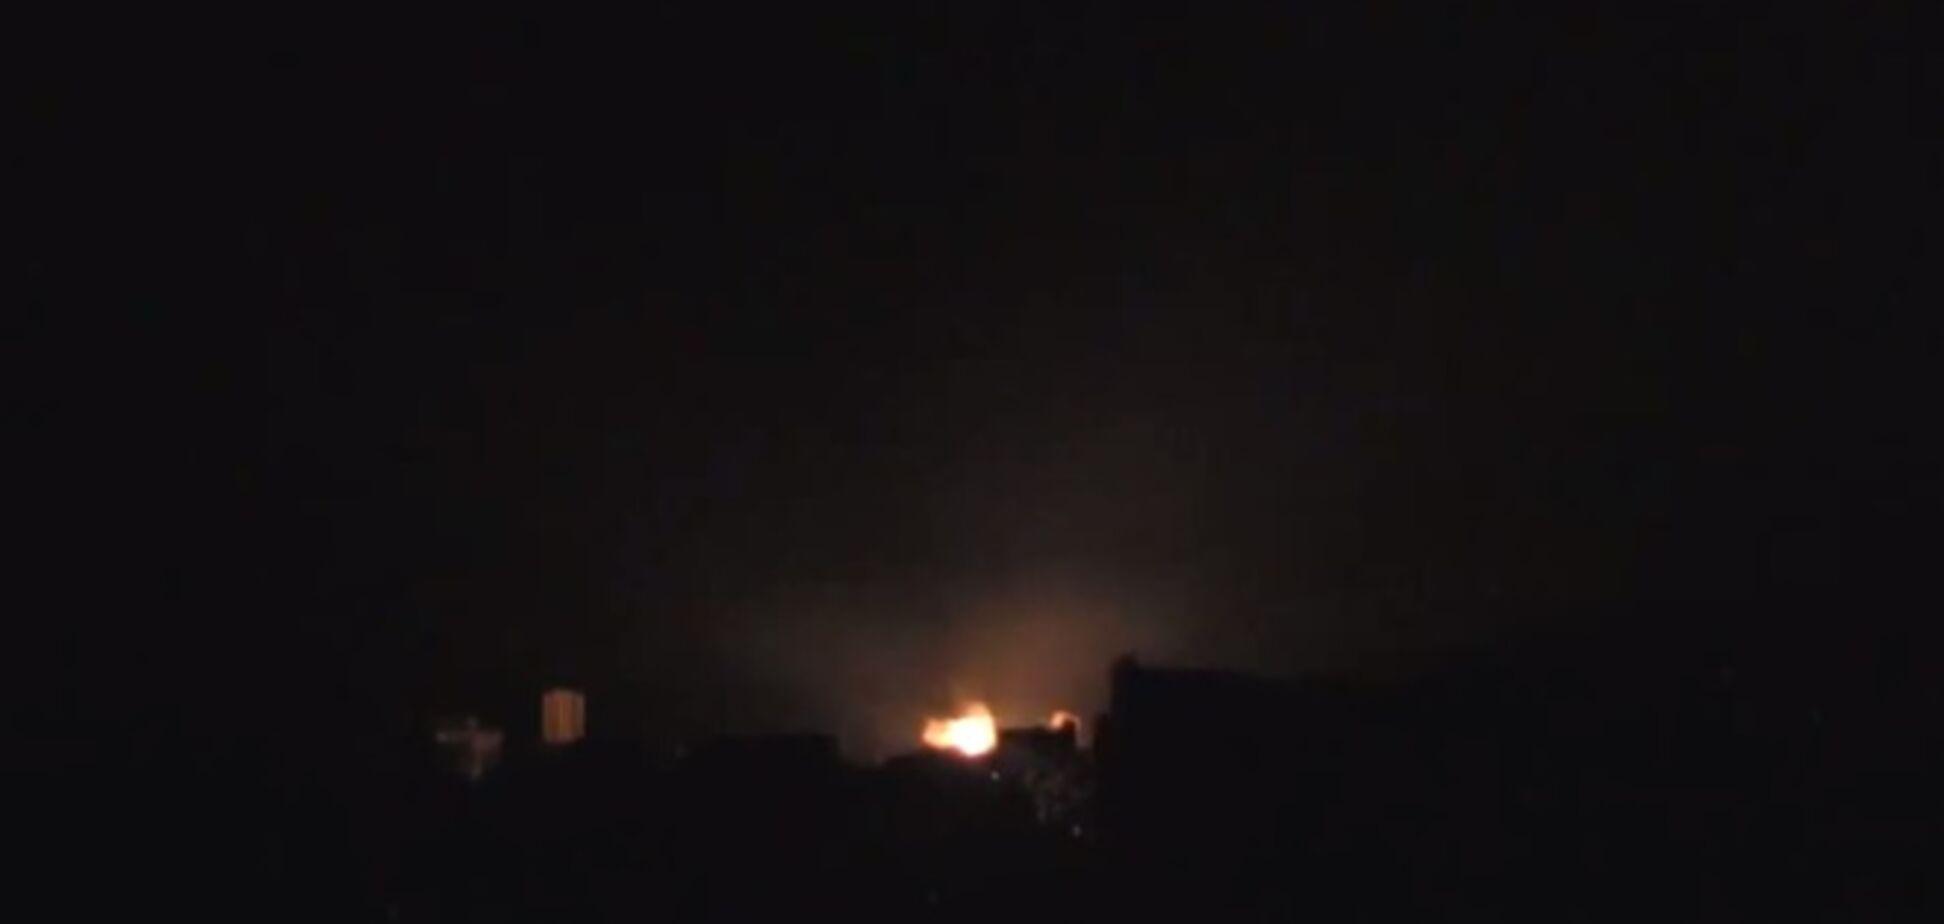 Луганск обстреляли из реактивных систем залпового огня. Видеофакт